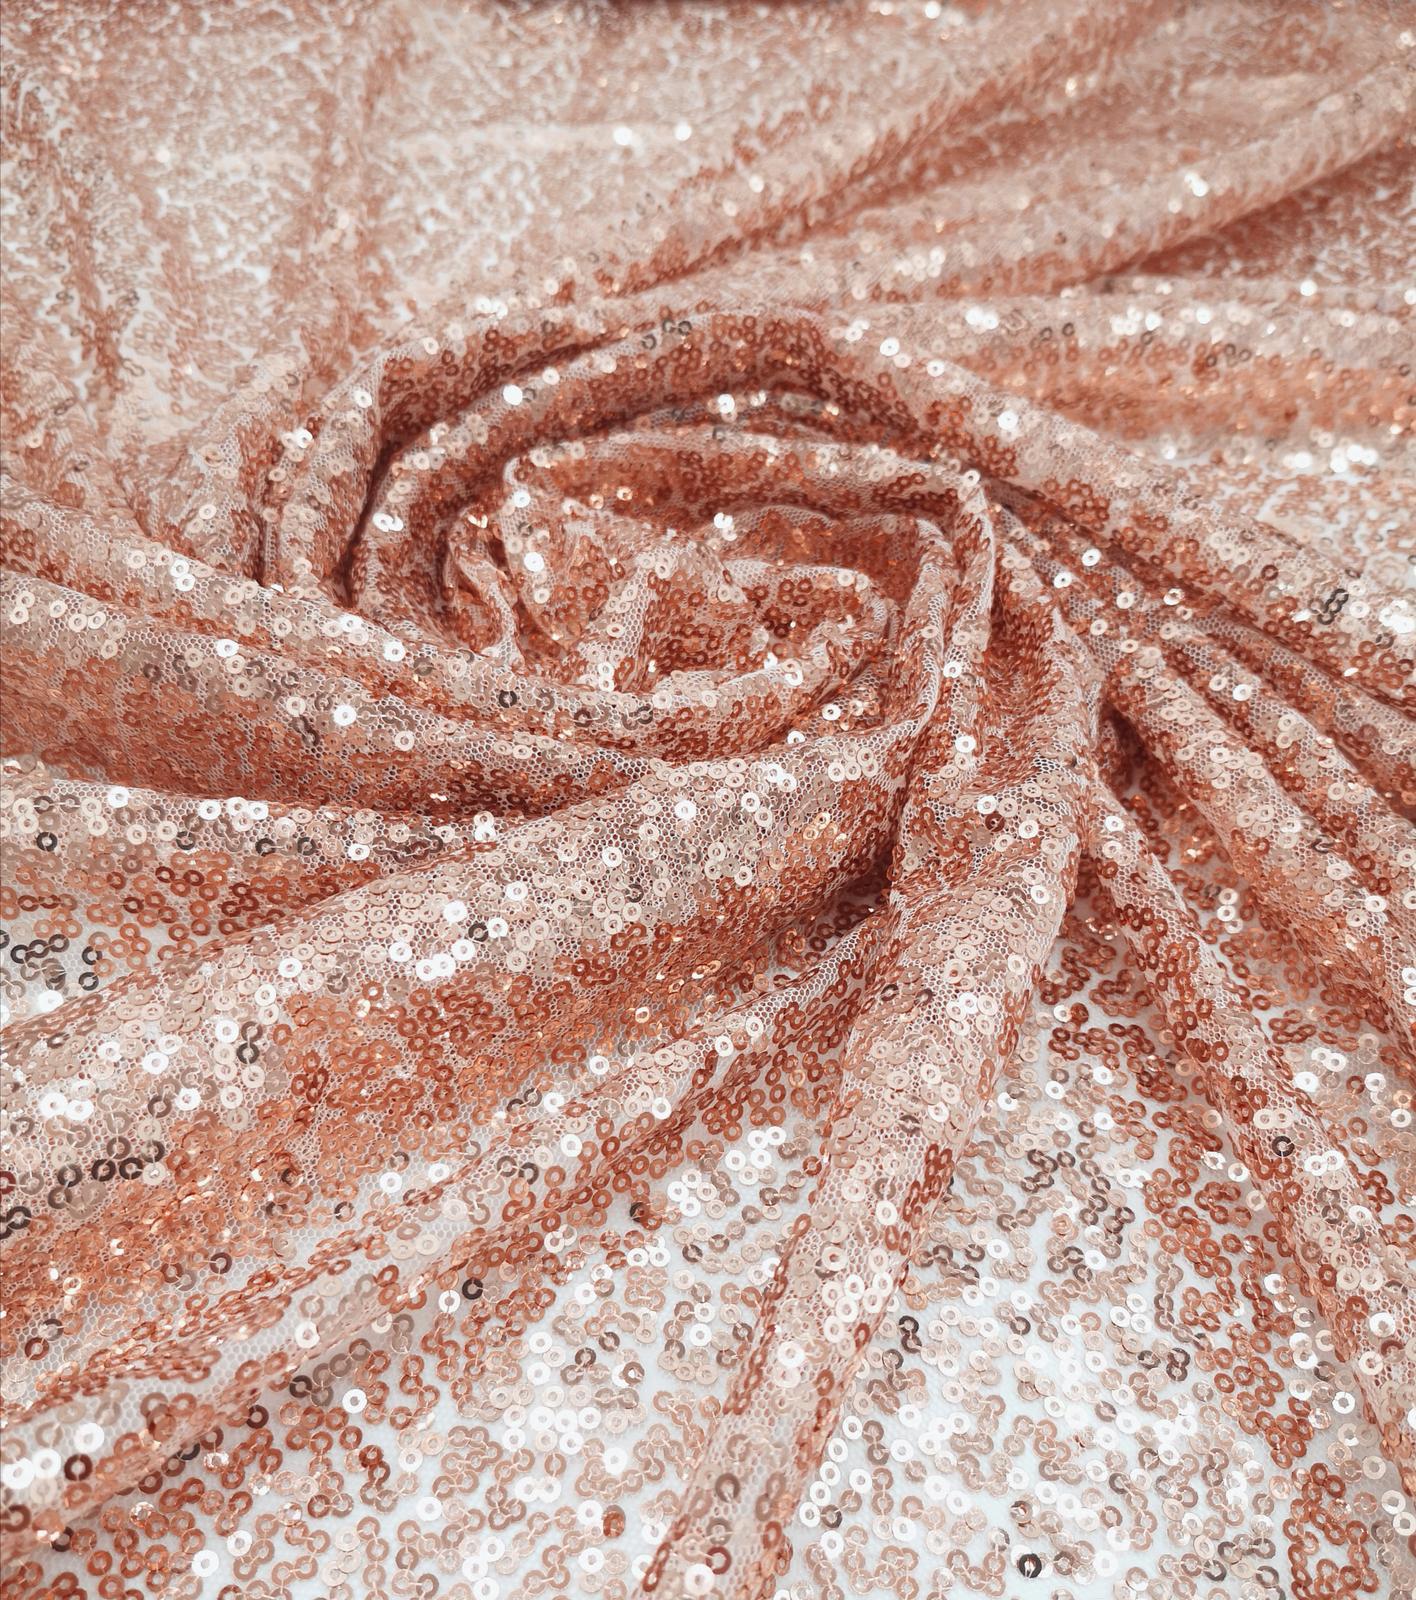 Prenájom - Flitrovaný obrus rose gold 180 x 120cm - Obrázok č. 1